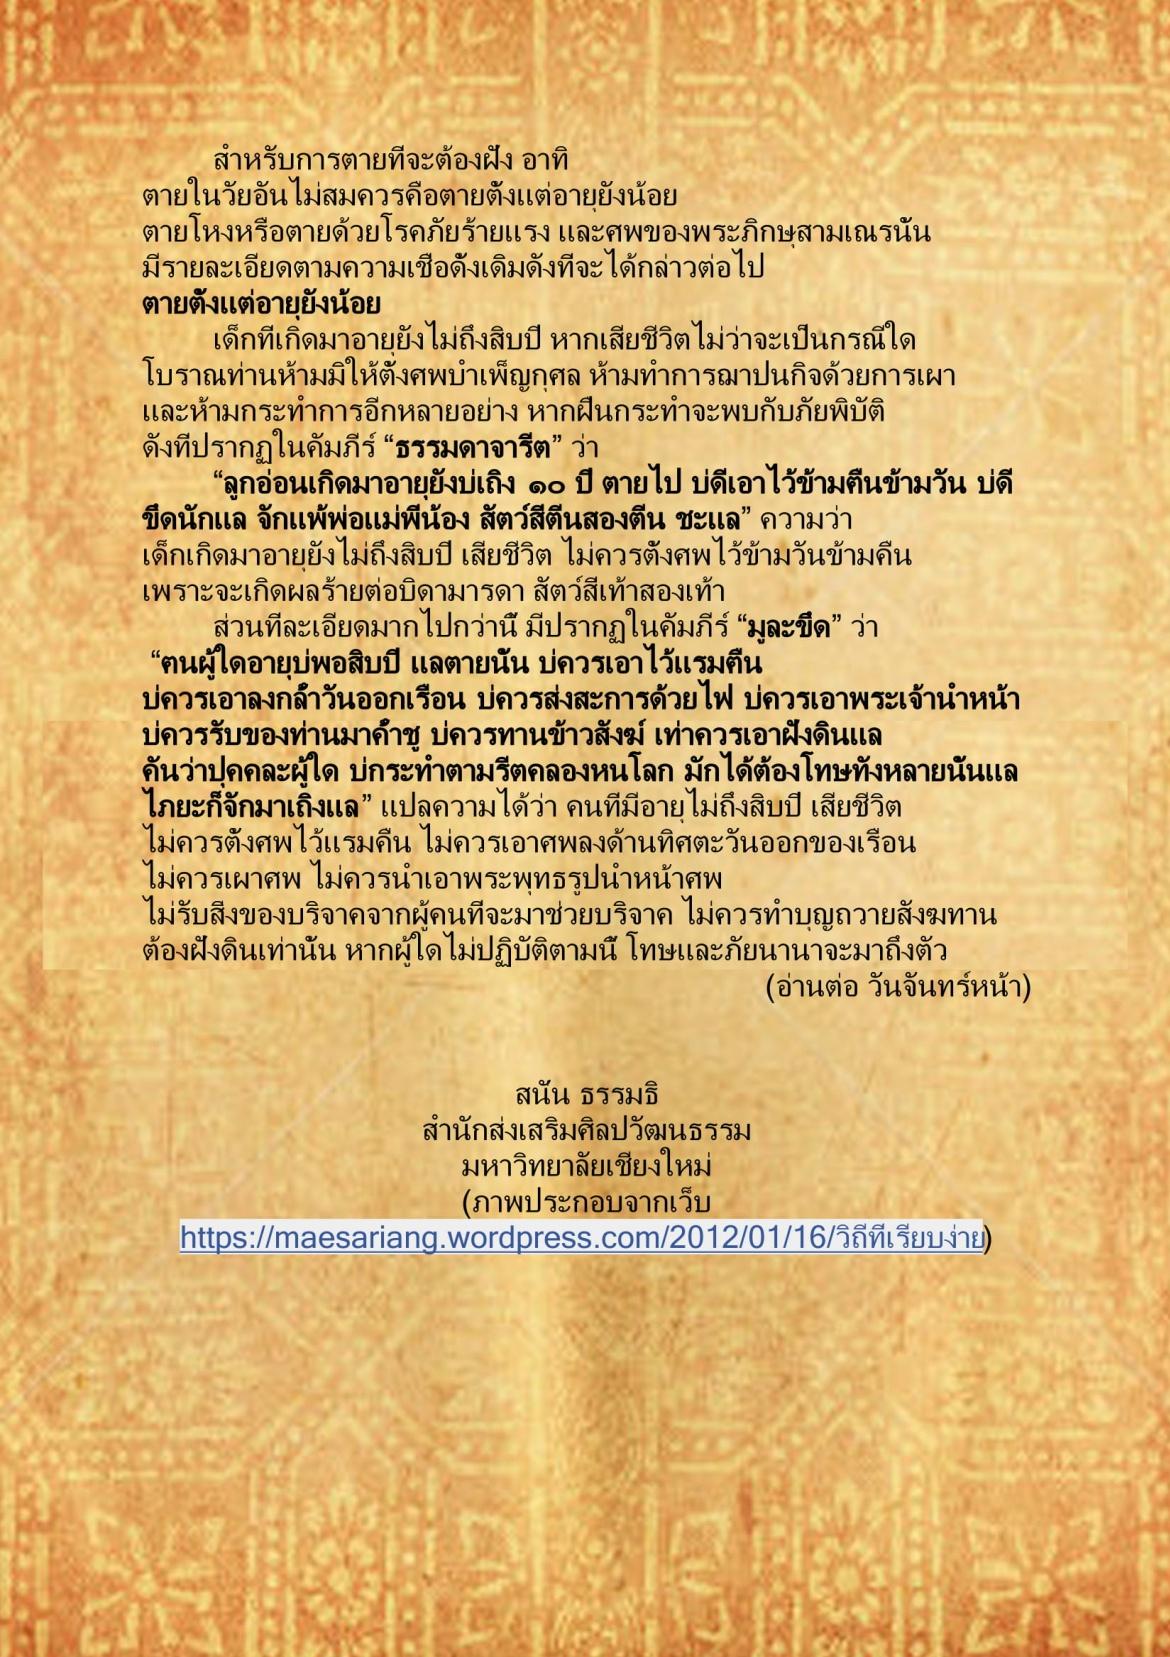 ปาเฮียว (1) - 21  พฤศจิกายน  2559